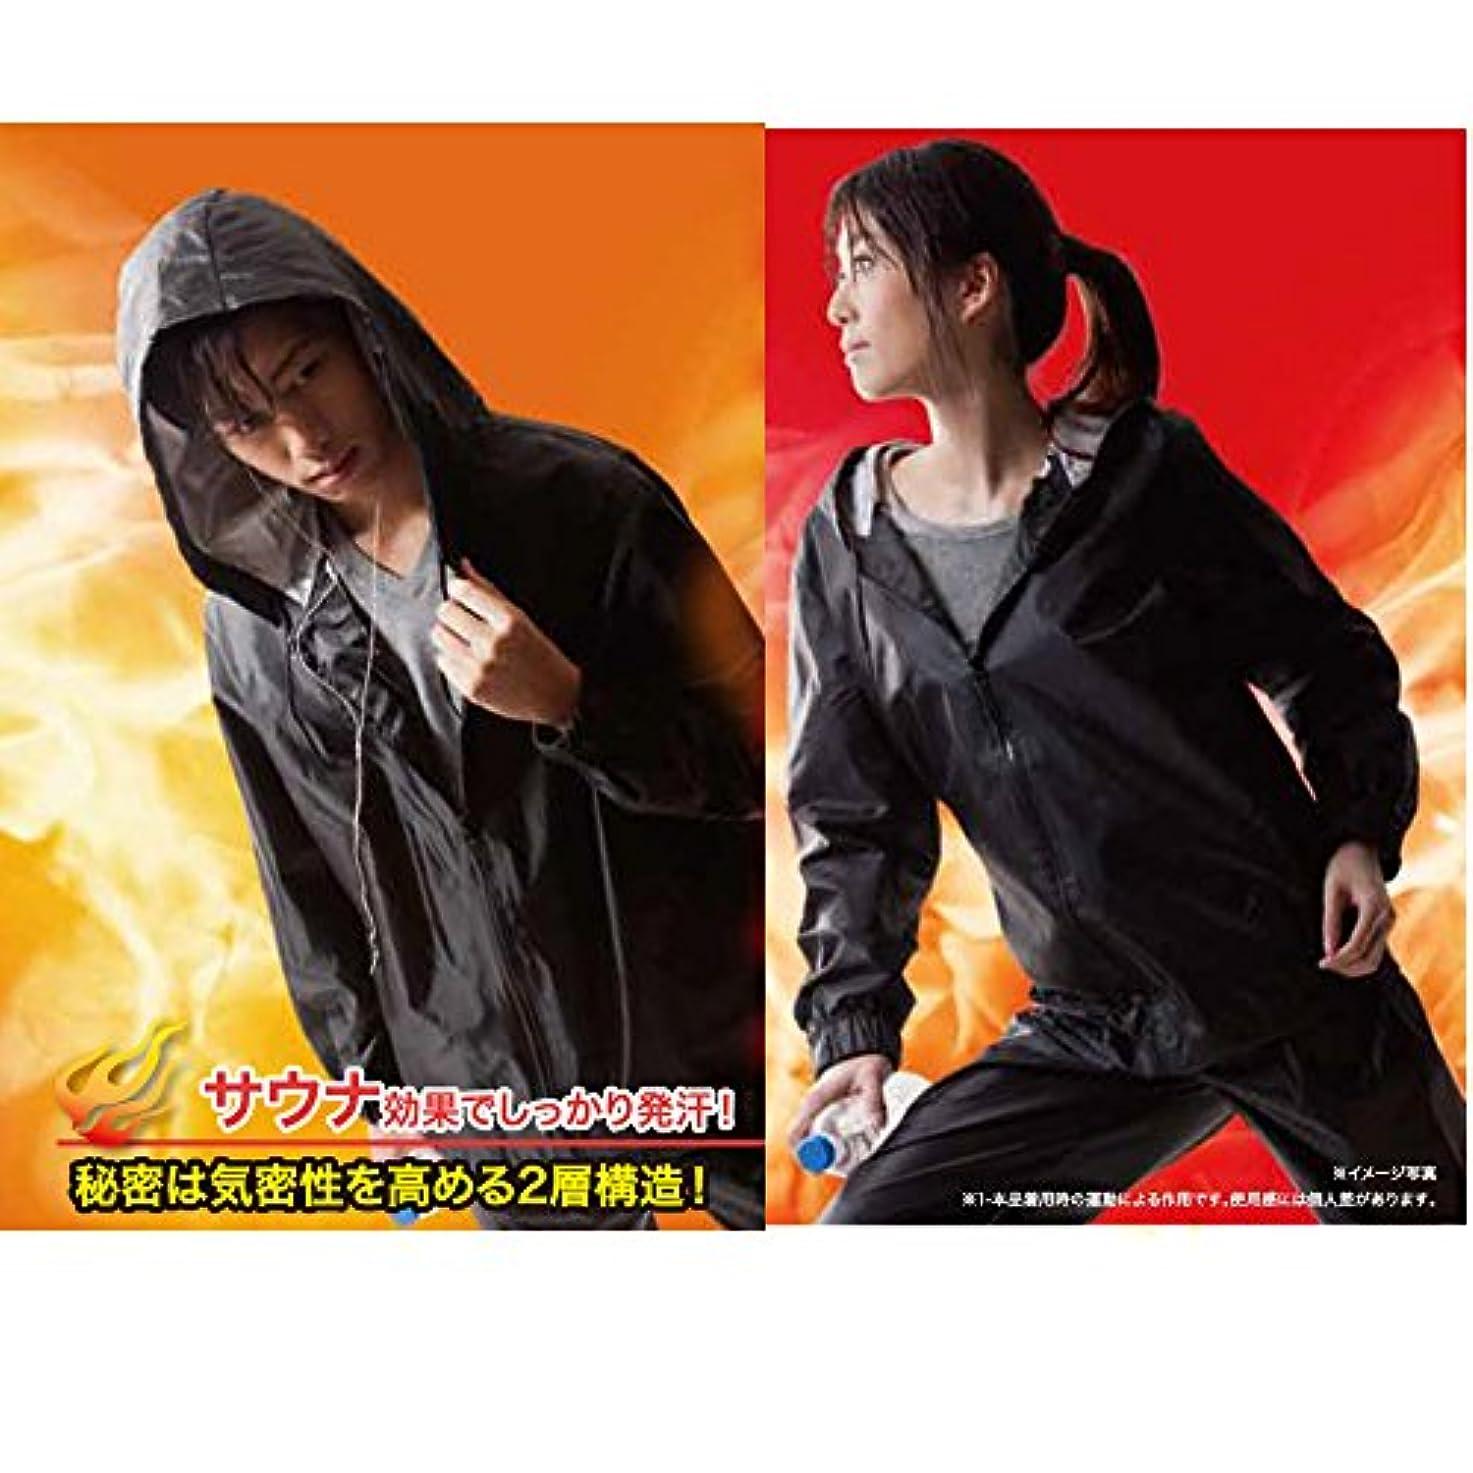 現在変えるサンダース男女兼用シェイプエクササウナスーツ (M/ウエスト64-84cm、バスト(チェスト)79-96cm)